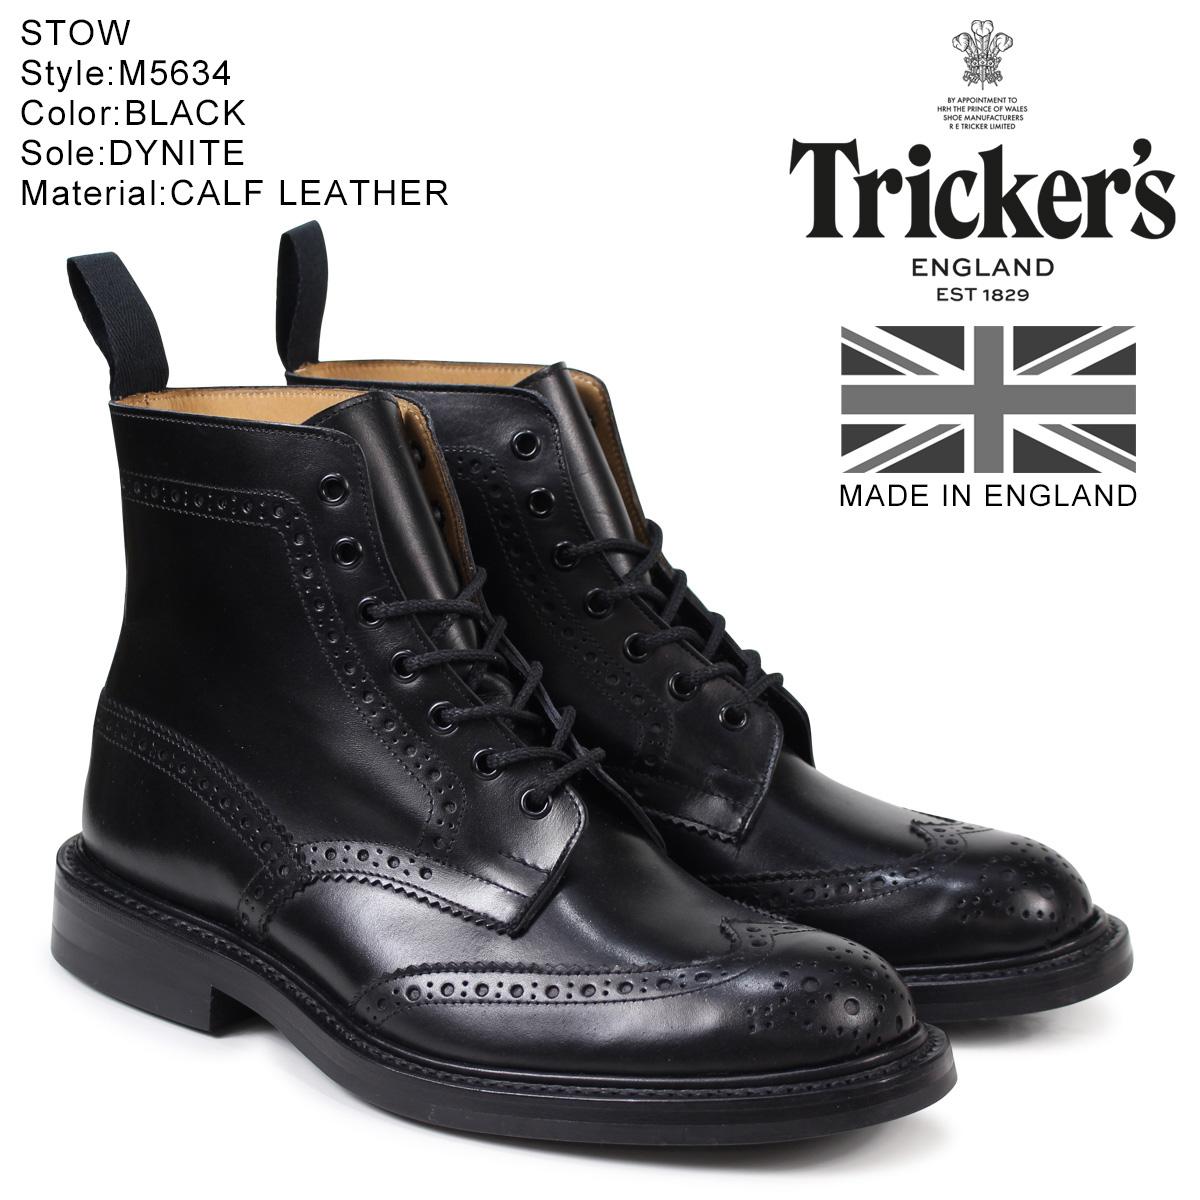 トリッカーズ Trickers カントリーブーツ STOW M5634 5ワイズ メンズ ブラック